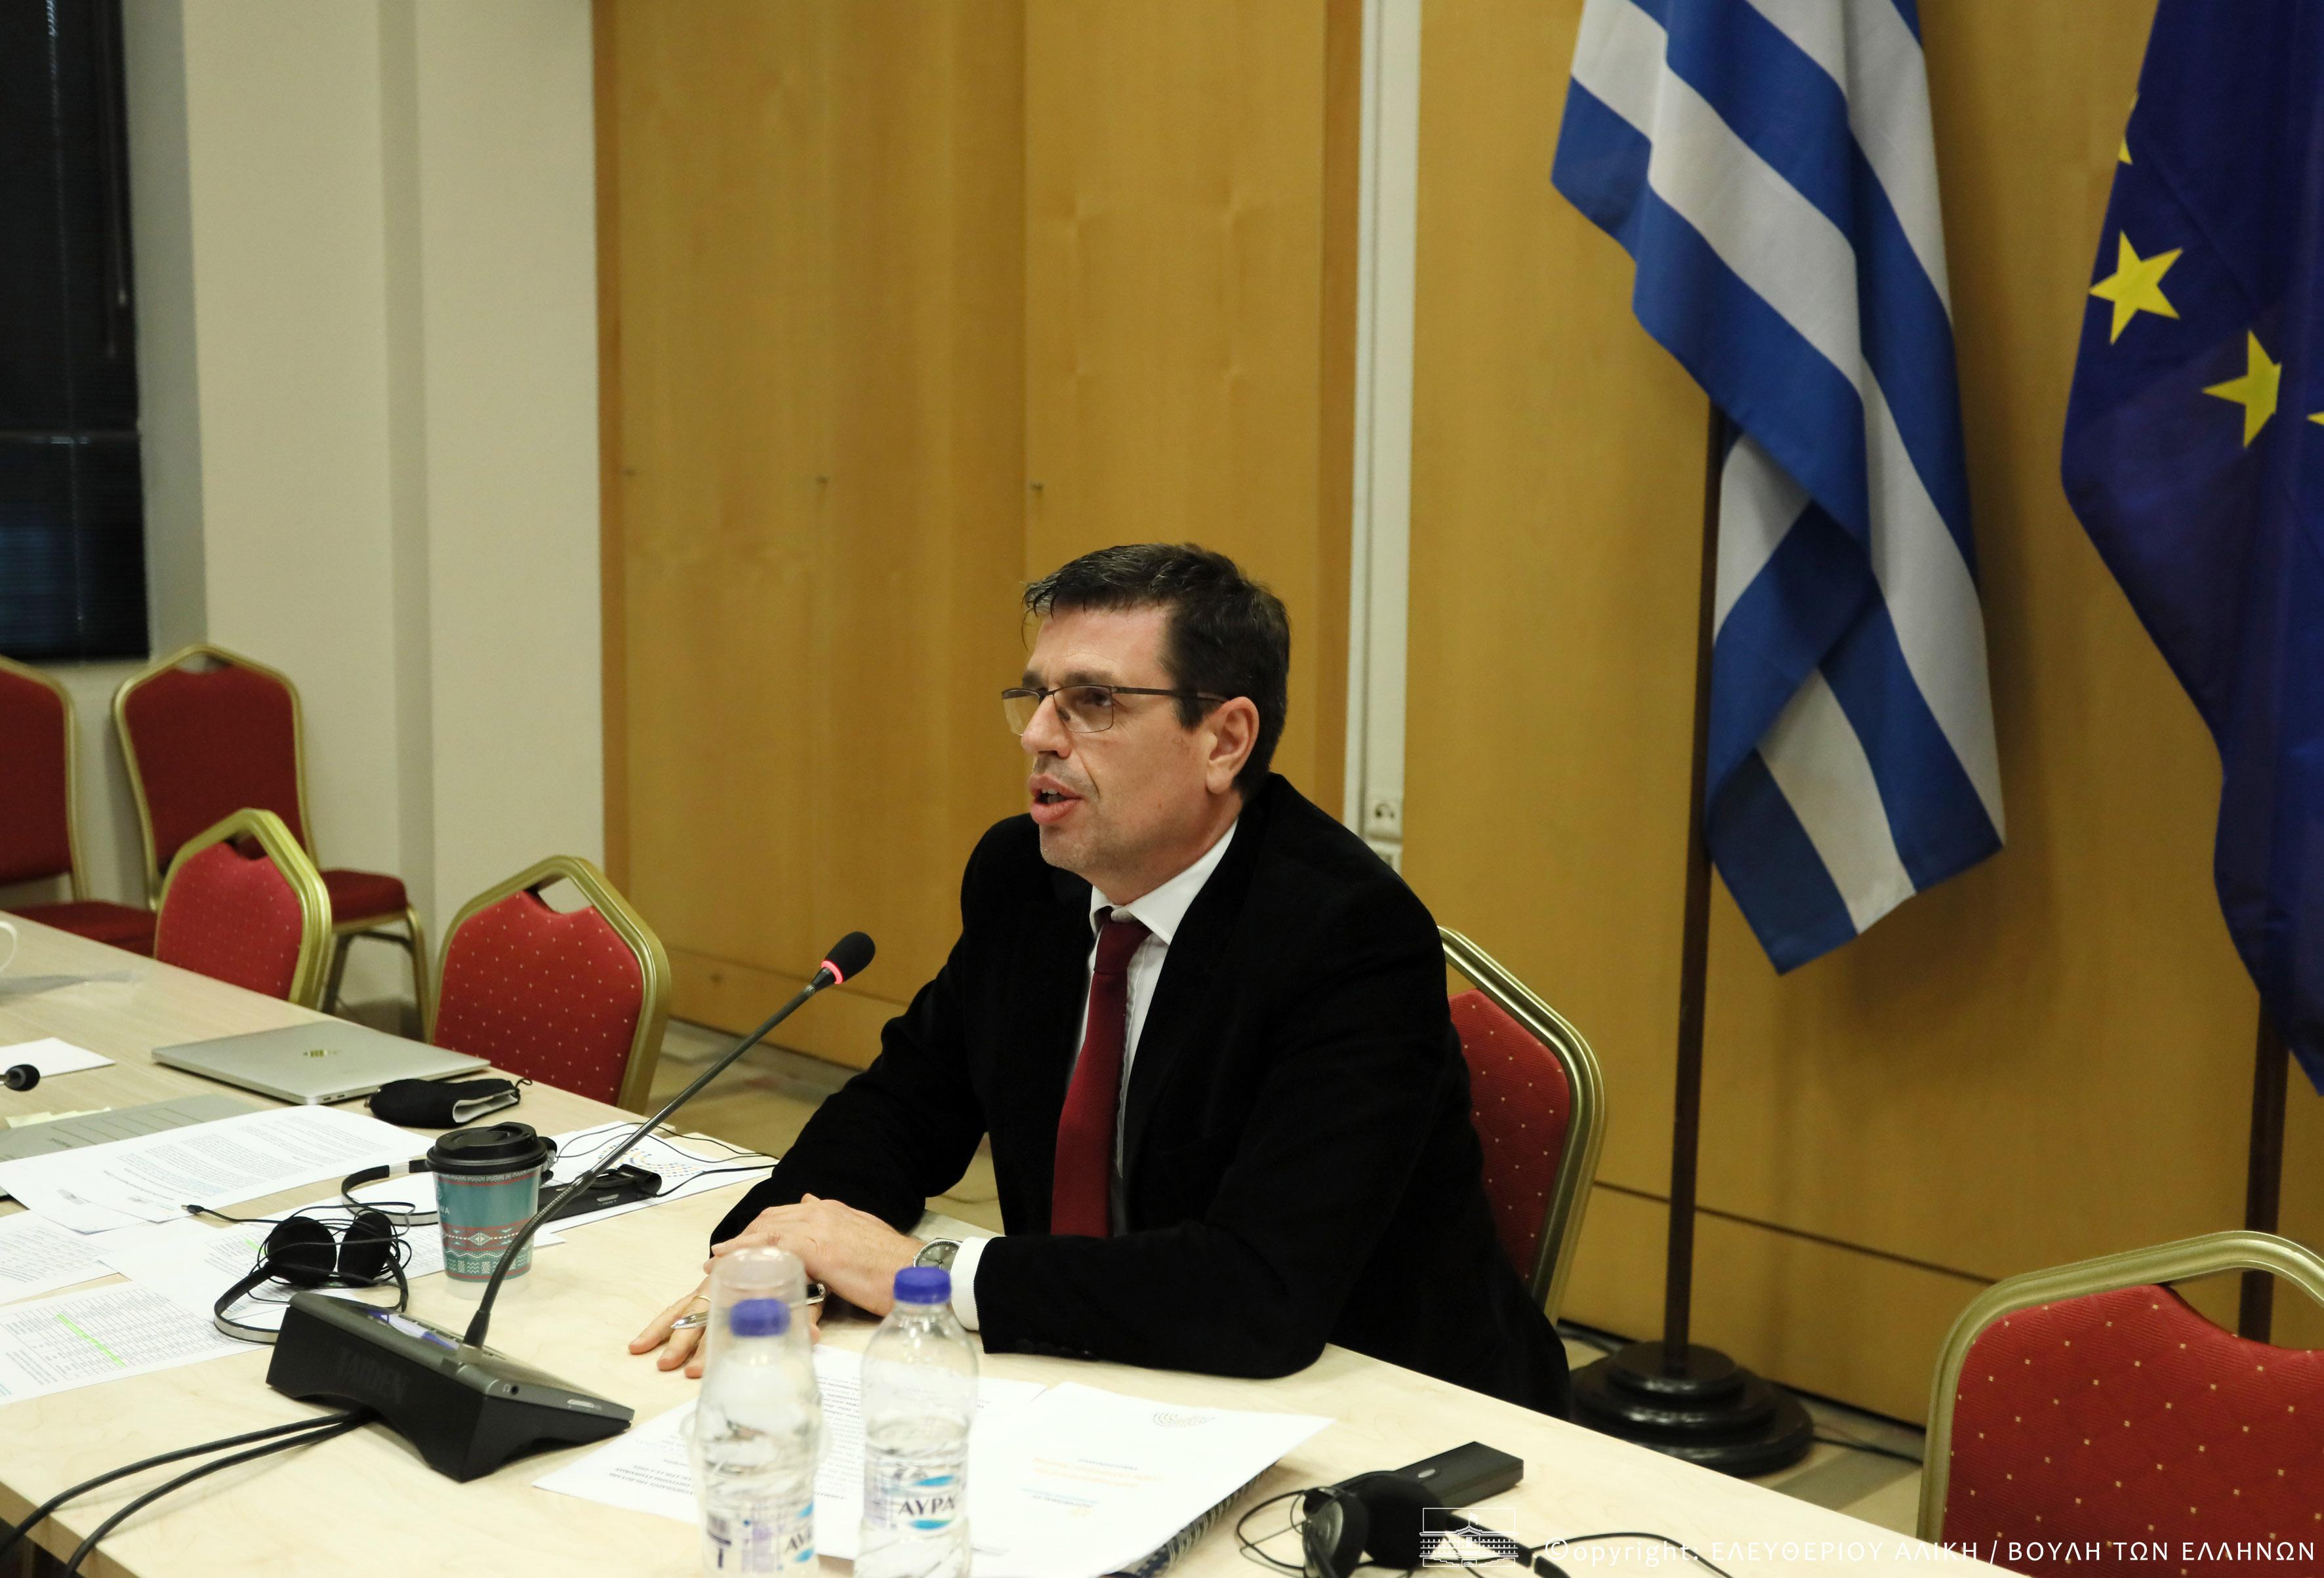 Εκπροσωπώντας τη Βουλή των Ελλήνων στην Ευρώπη στην έναρξη της Πορτογαλικής Προεδρίας (COSAC)